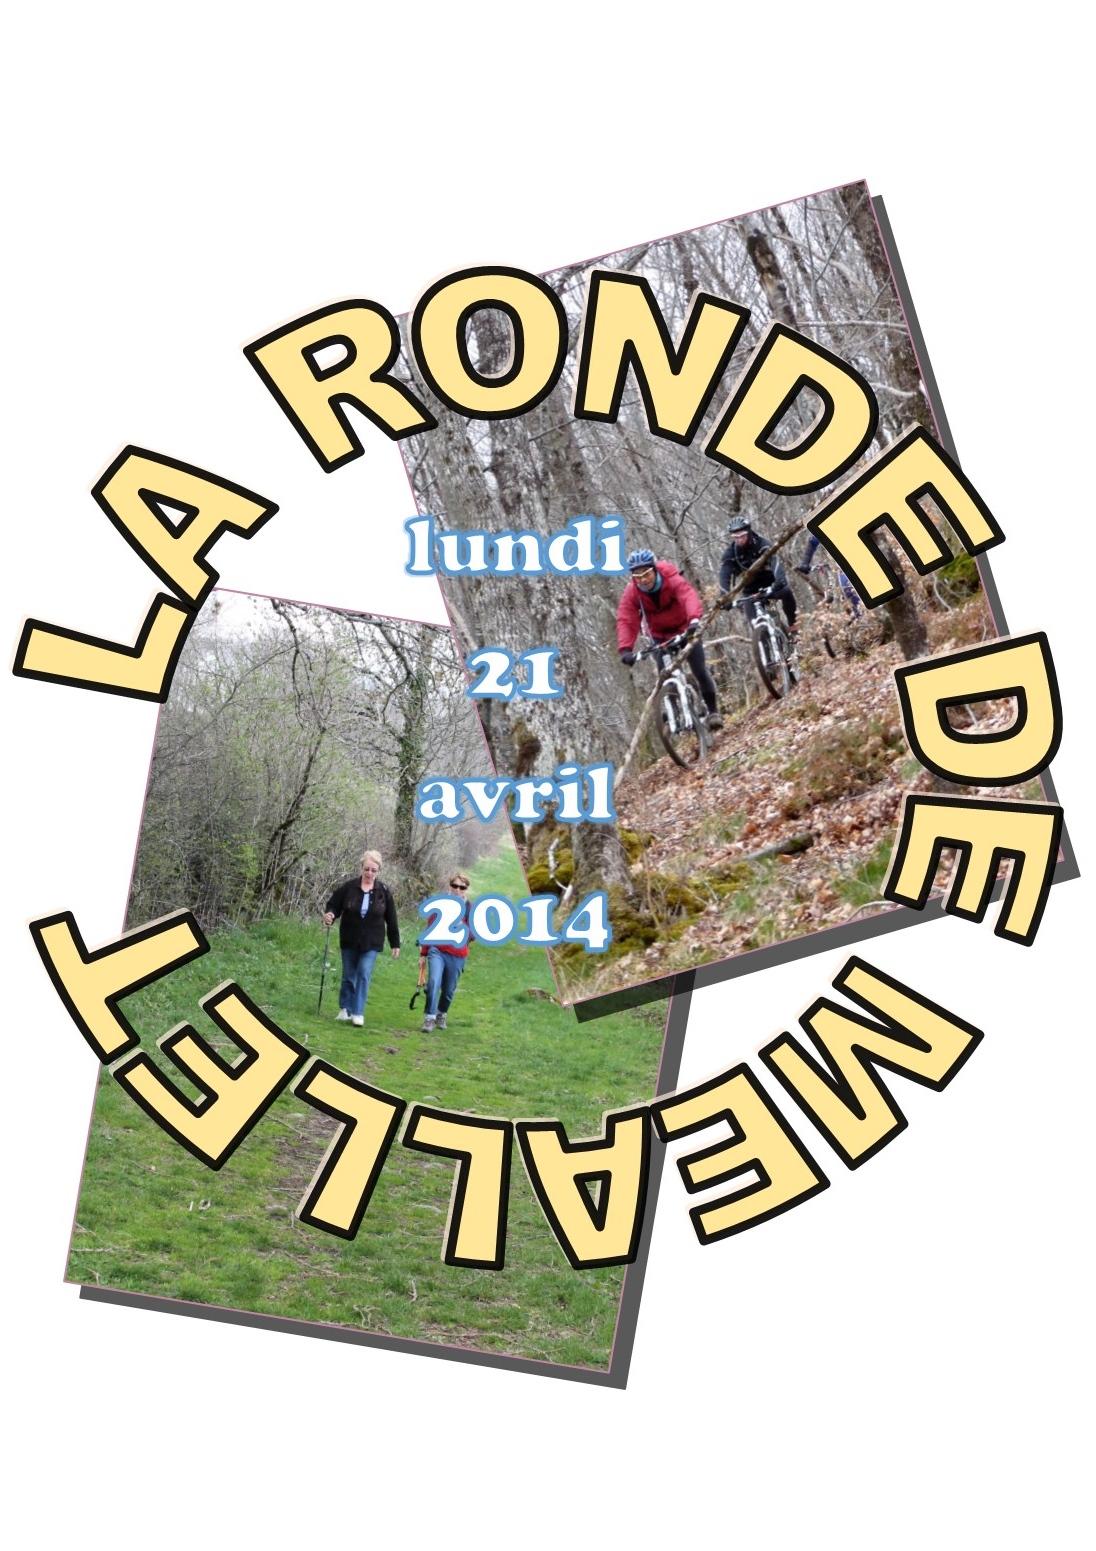 Ronde_2014_logo